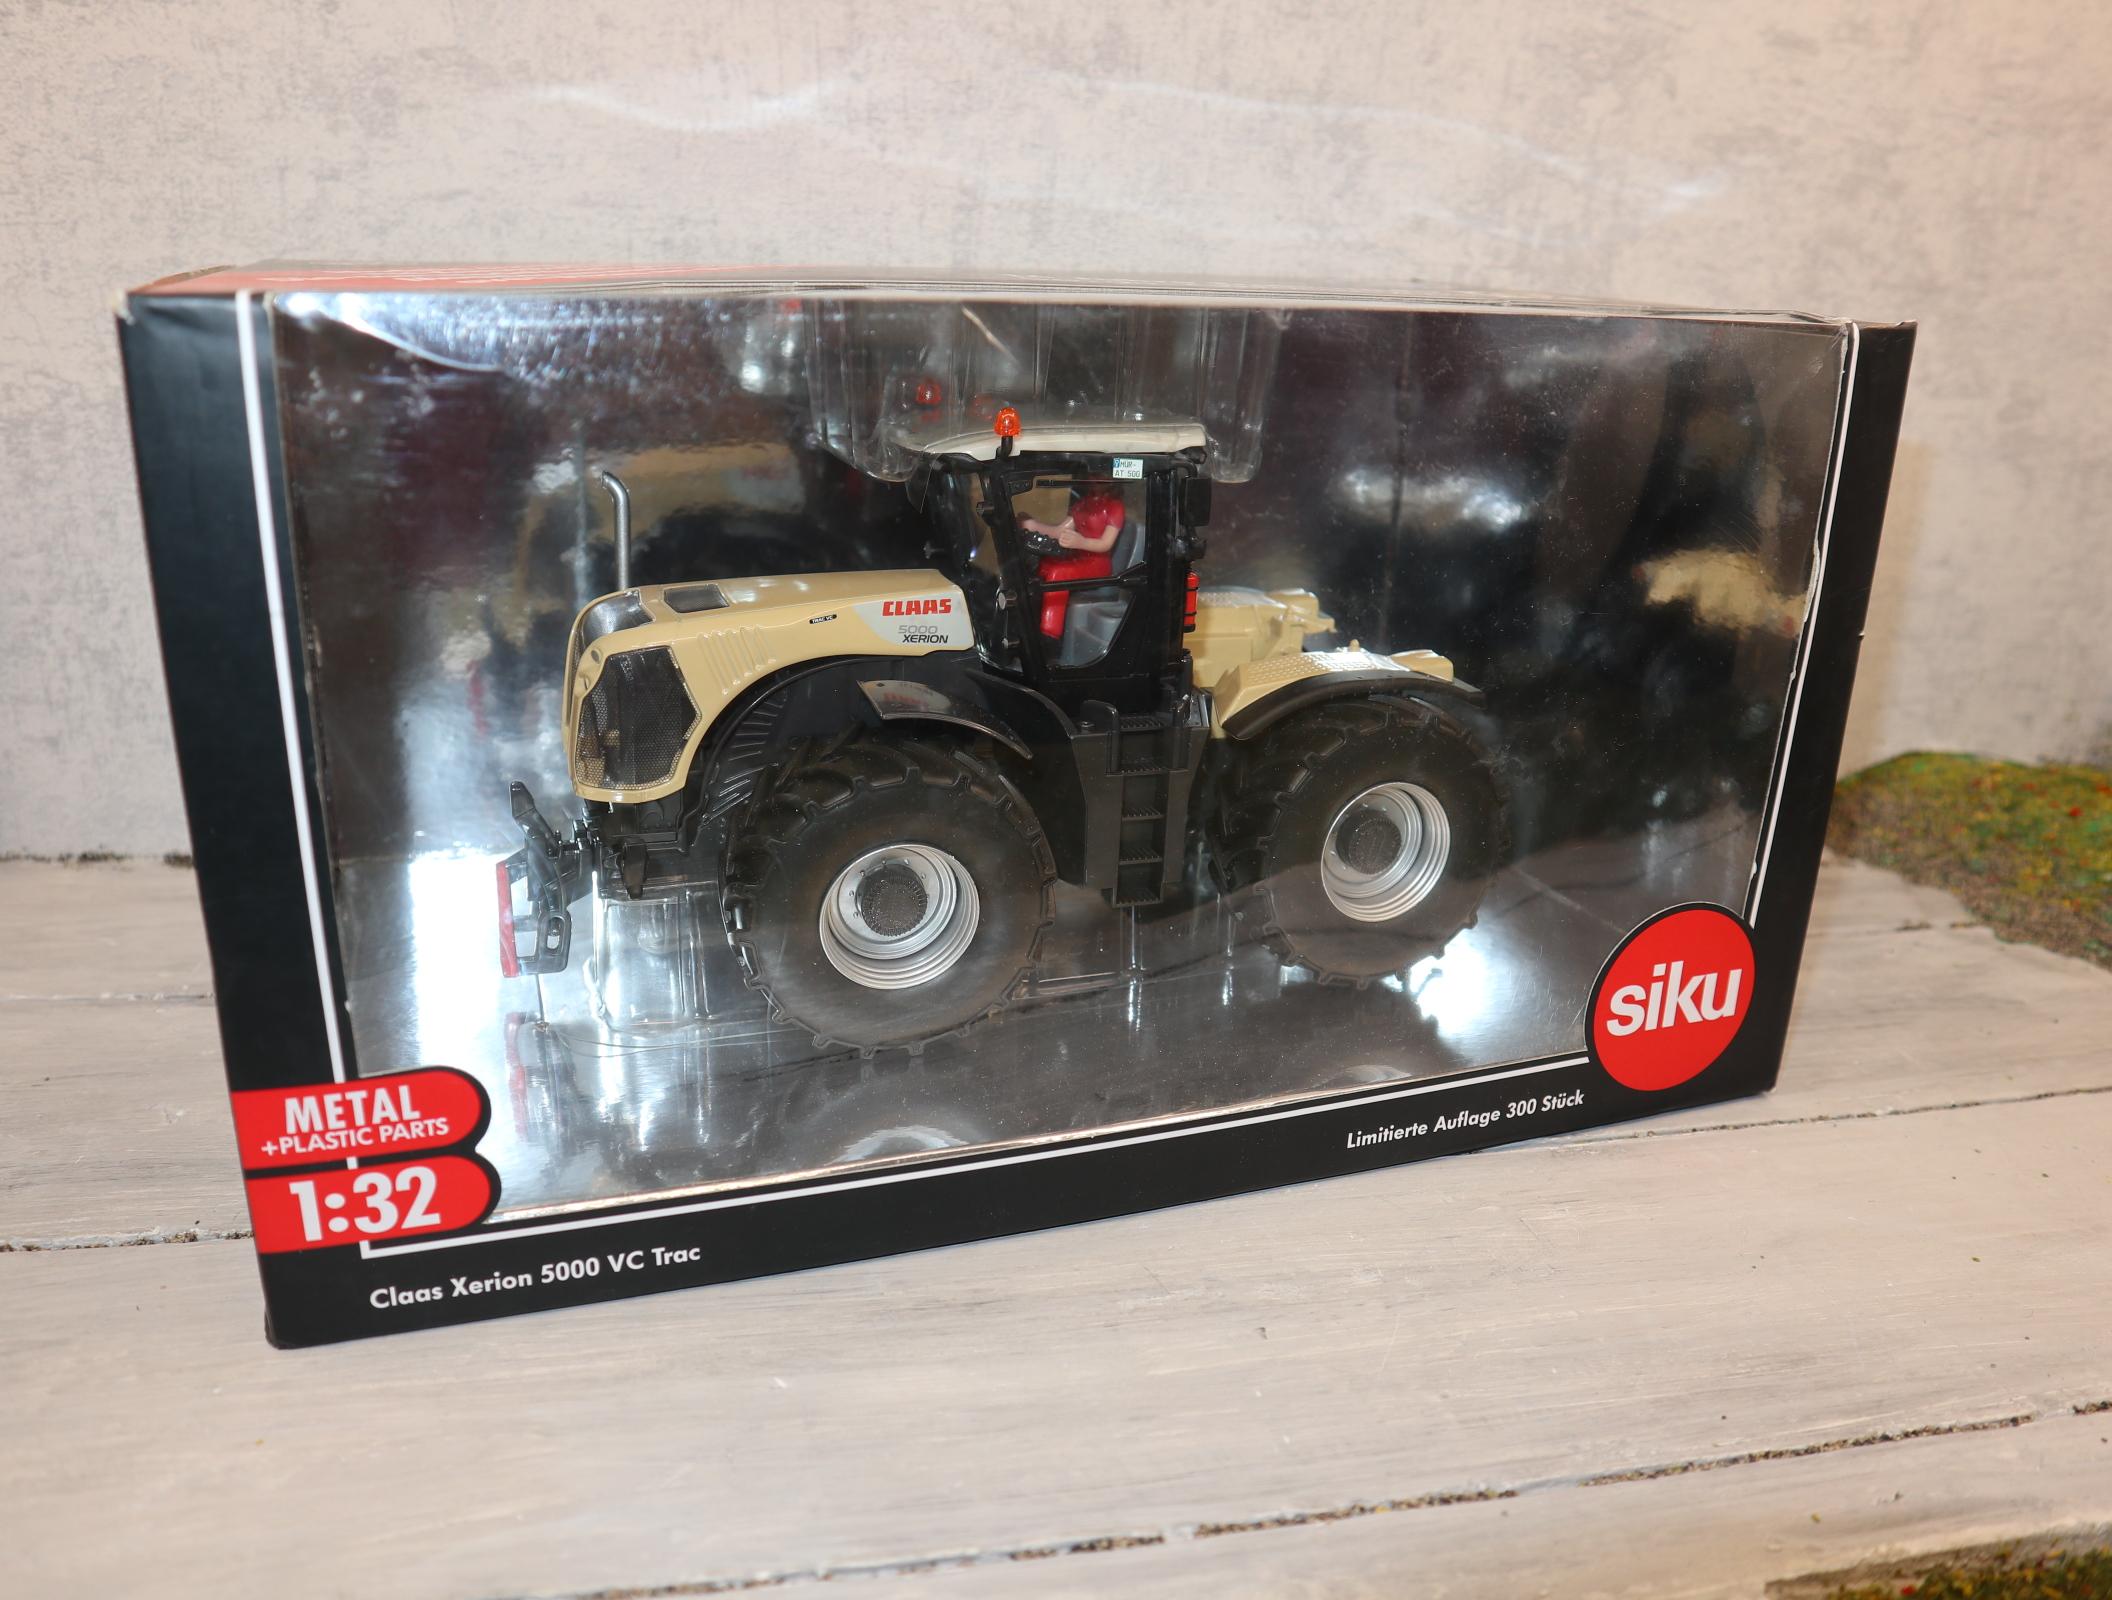 Siku 3271 1:32 Claas Xerion 5000 mit Zwillingsreifen Sondermodell STOTZ nur 500 Stück